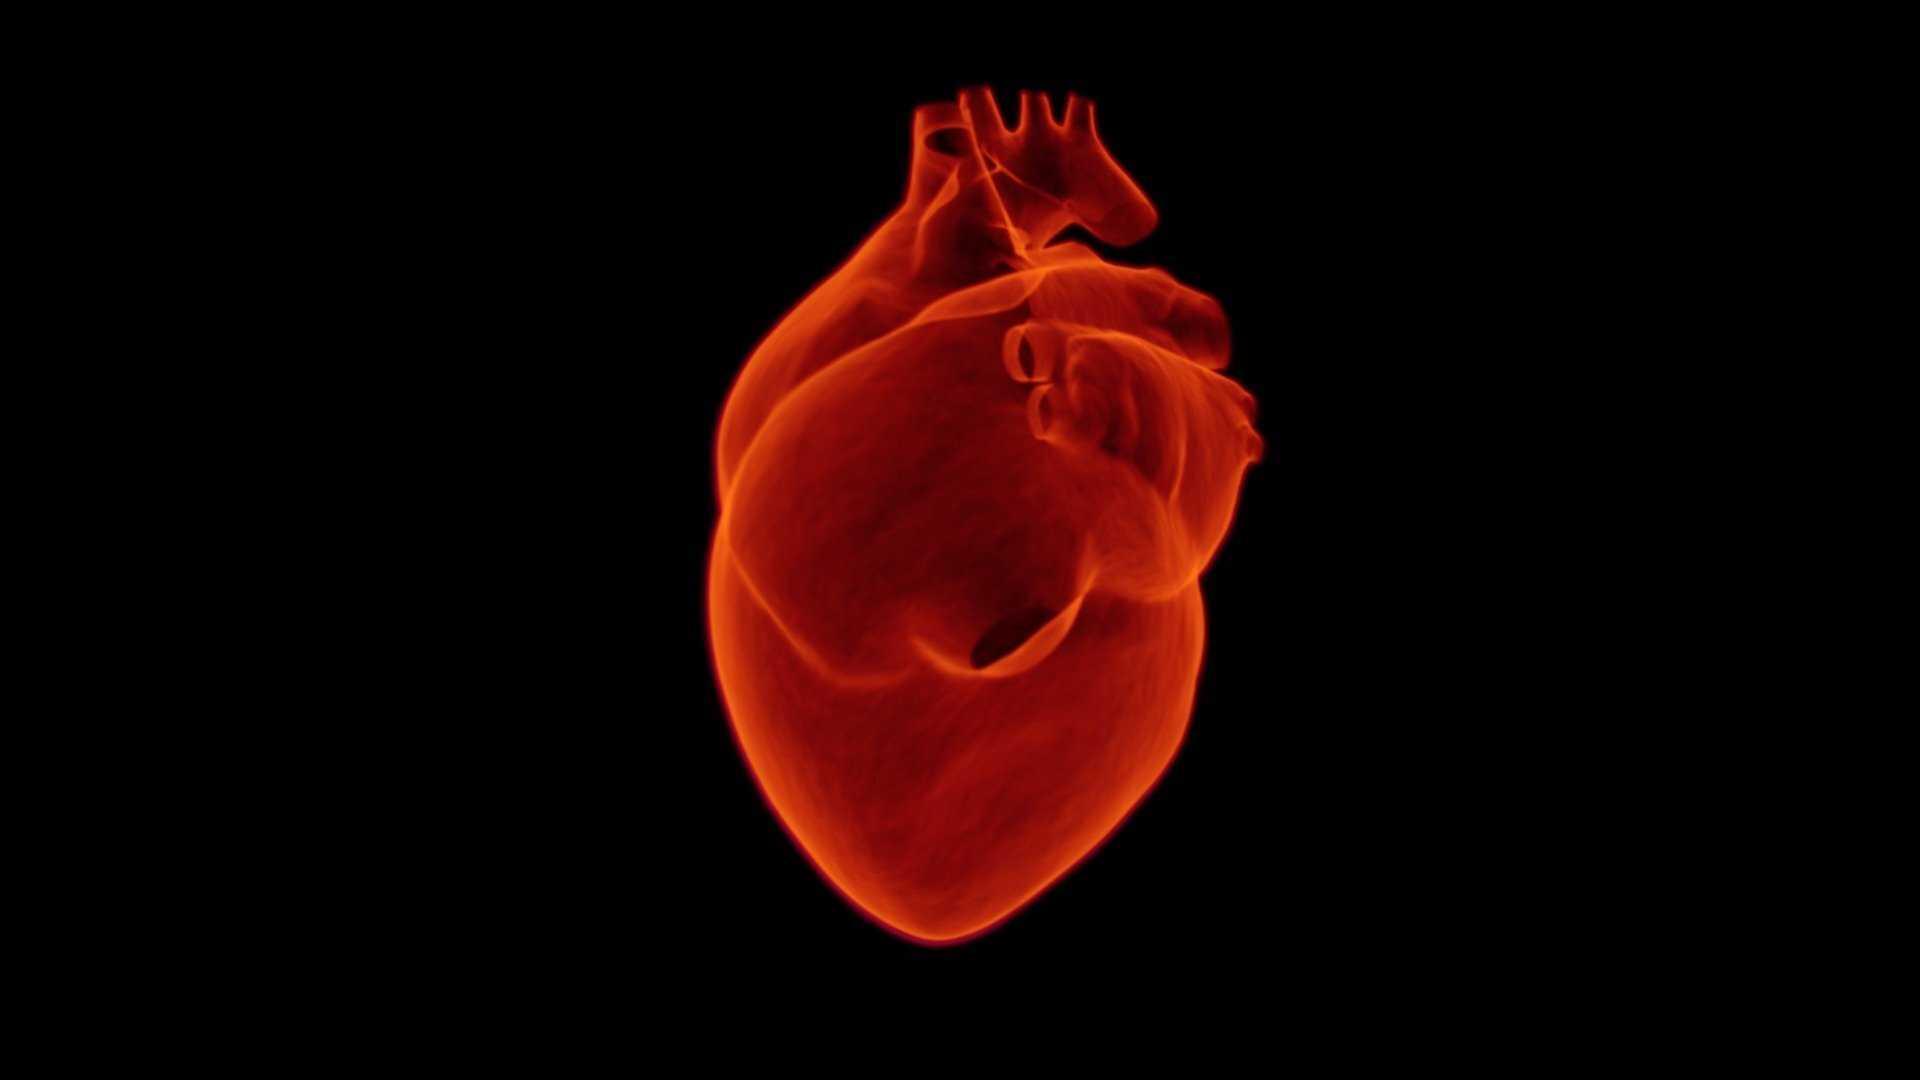 Репрограммирование клеток частично восстановило сердце мышей после инфаркта